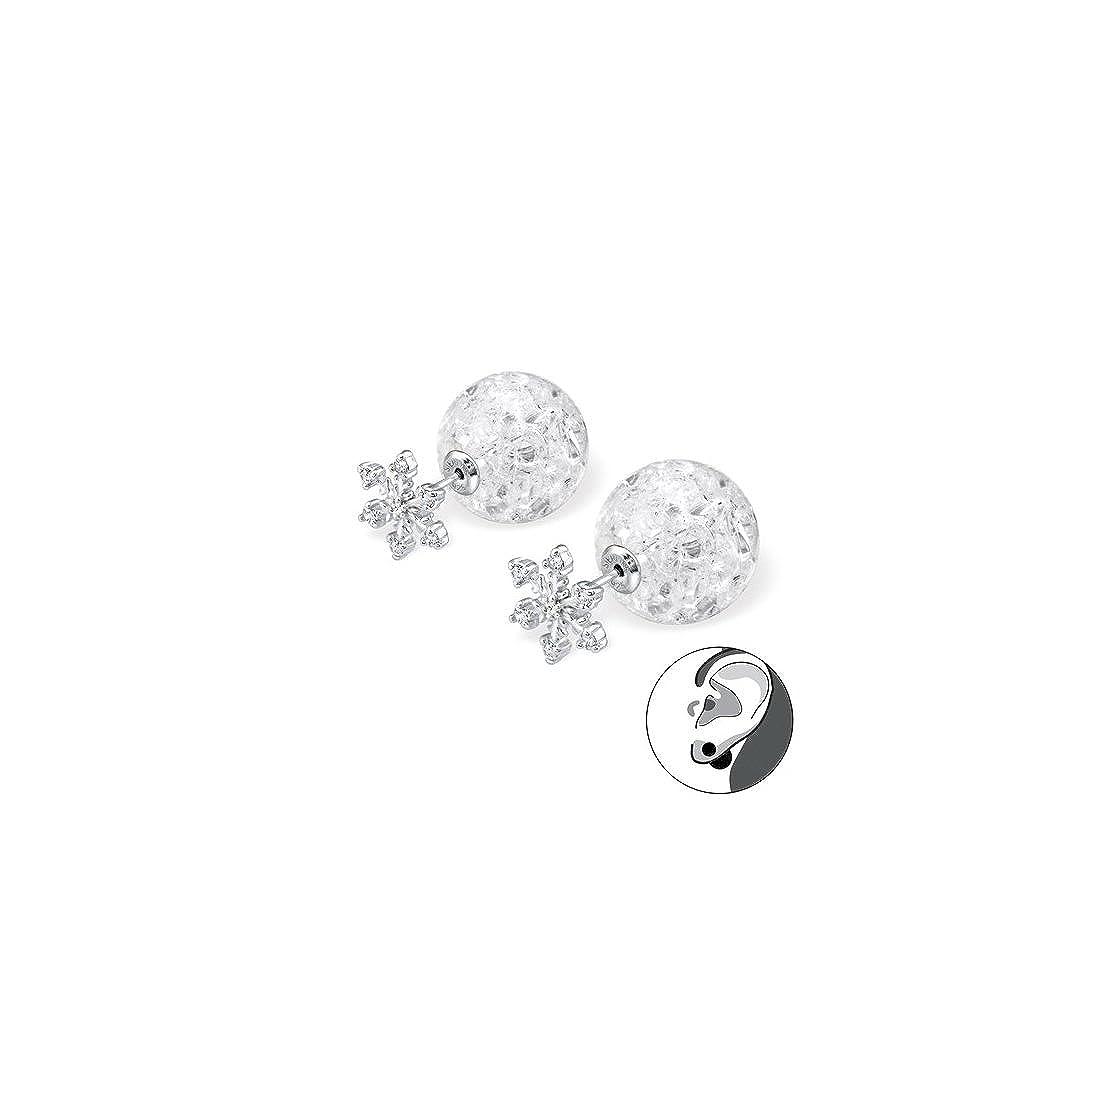 Liara - Flocon de neige avec Boucles d'Oreilles Boule Craquelé e Double Boucles d'Oreilles en Argent Sterling 925. Poli et sans nickel 100-29334-12189